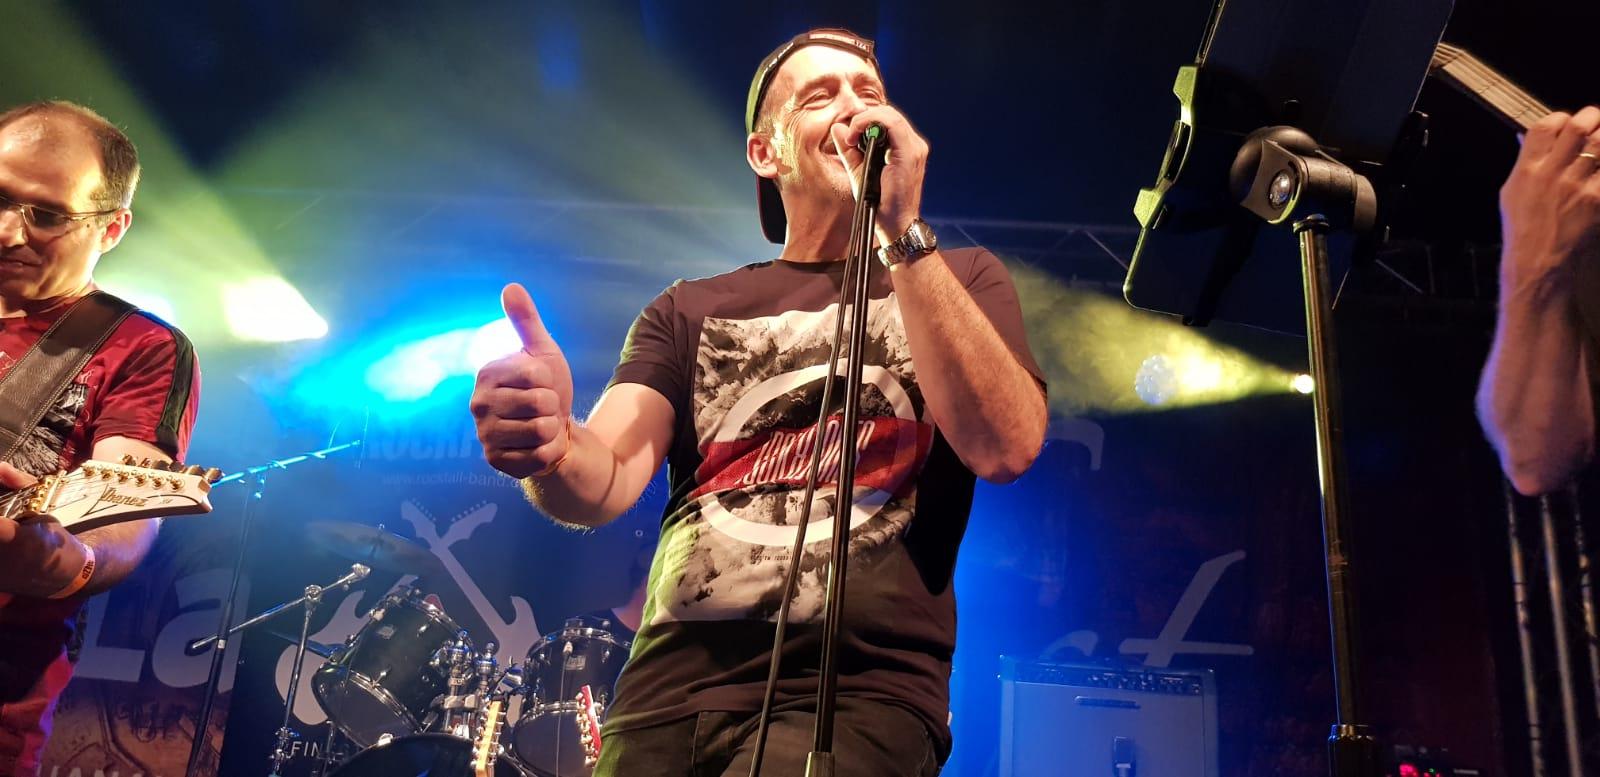 Rockfall Band Lamboyfest 2018: Thumbs up, Rudi!